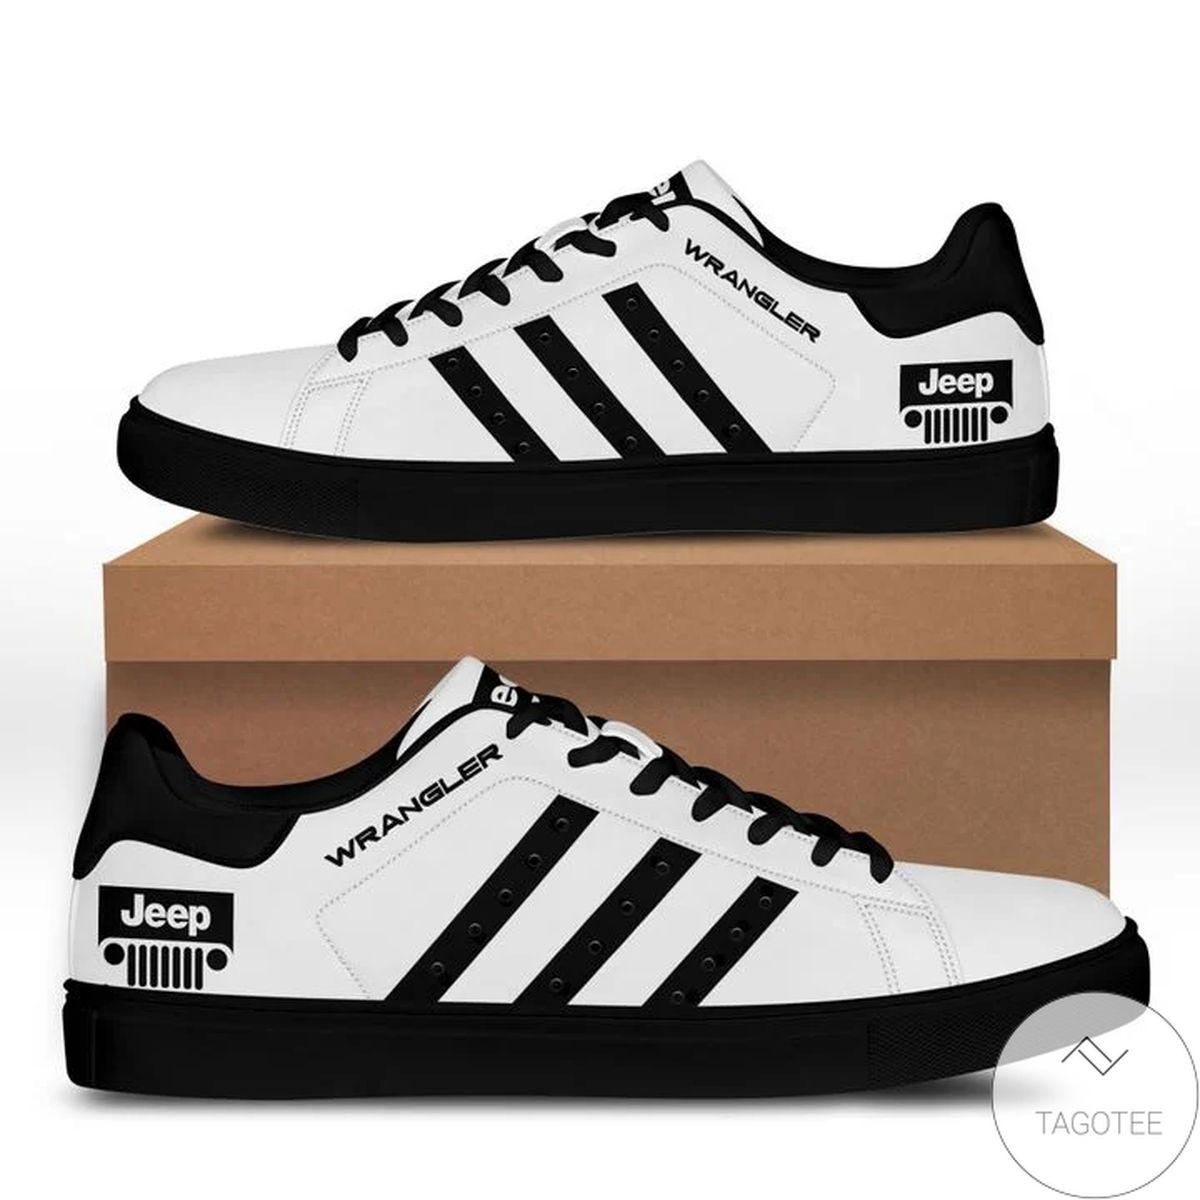 Jeep Wrangler Black White Stan Smith Shoes